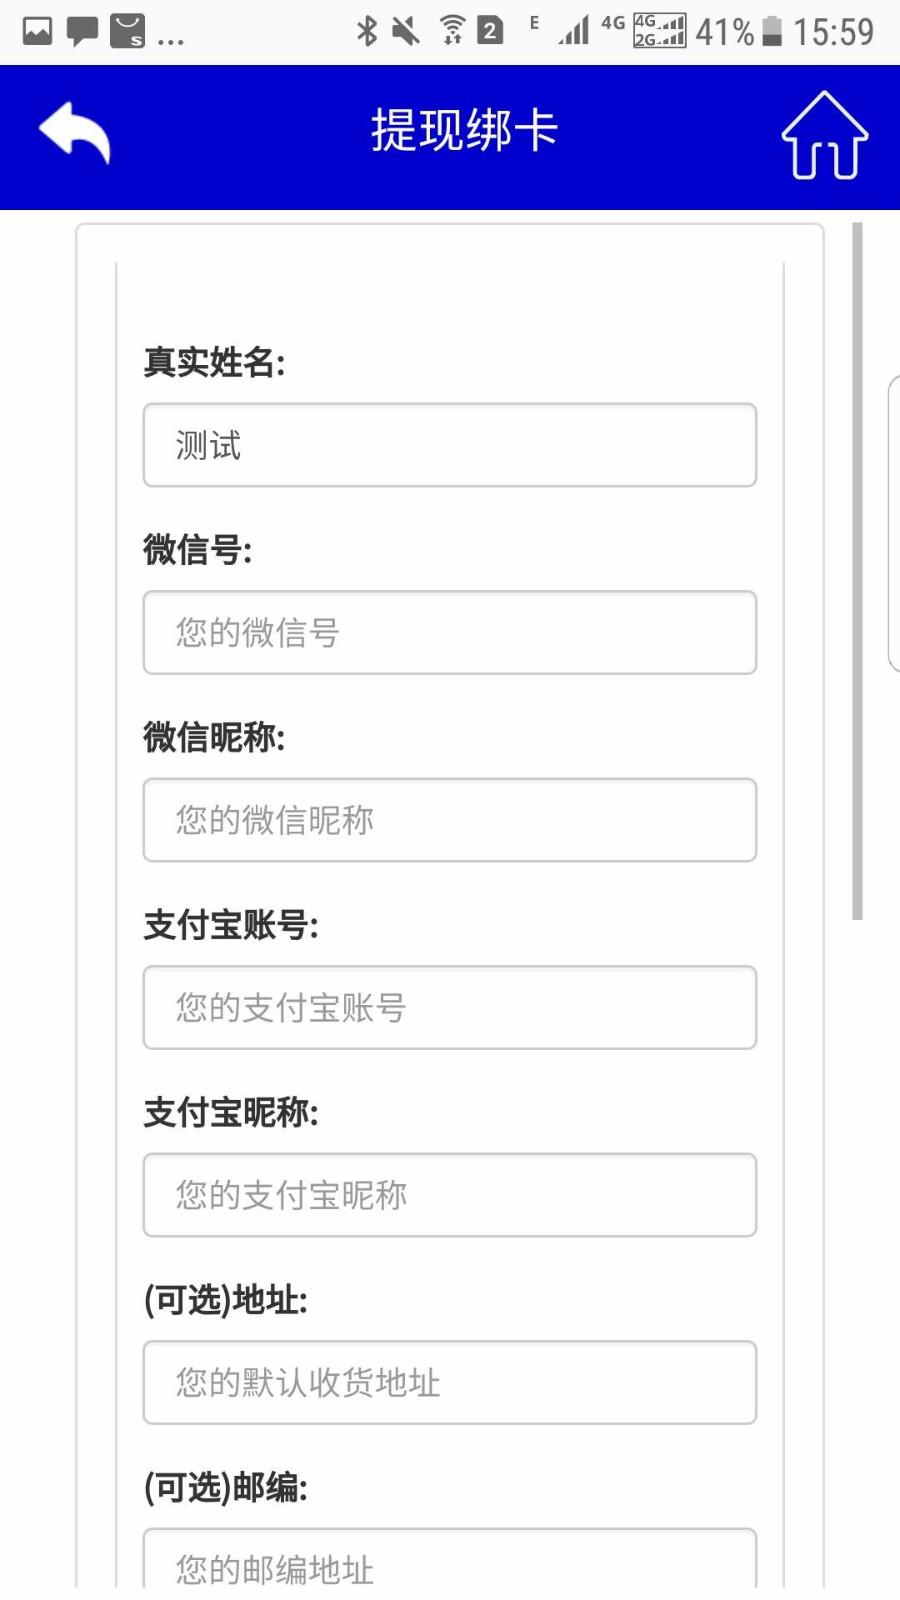 仿太古金融/每日返利/日分红/资金盘/新项目